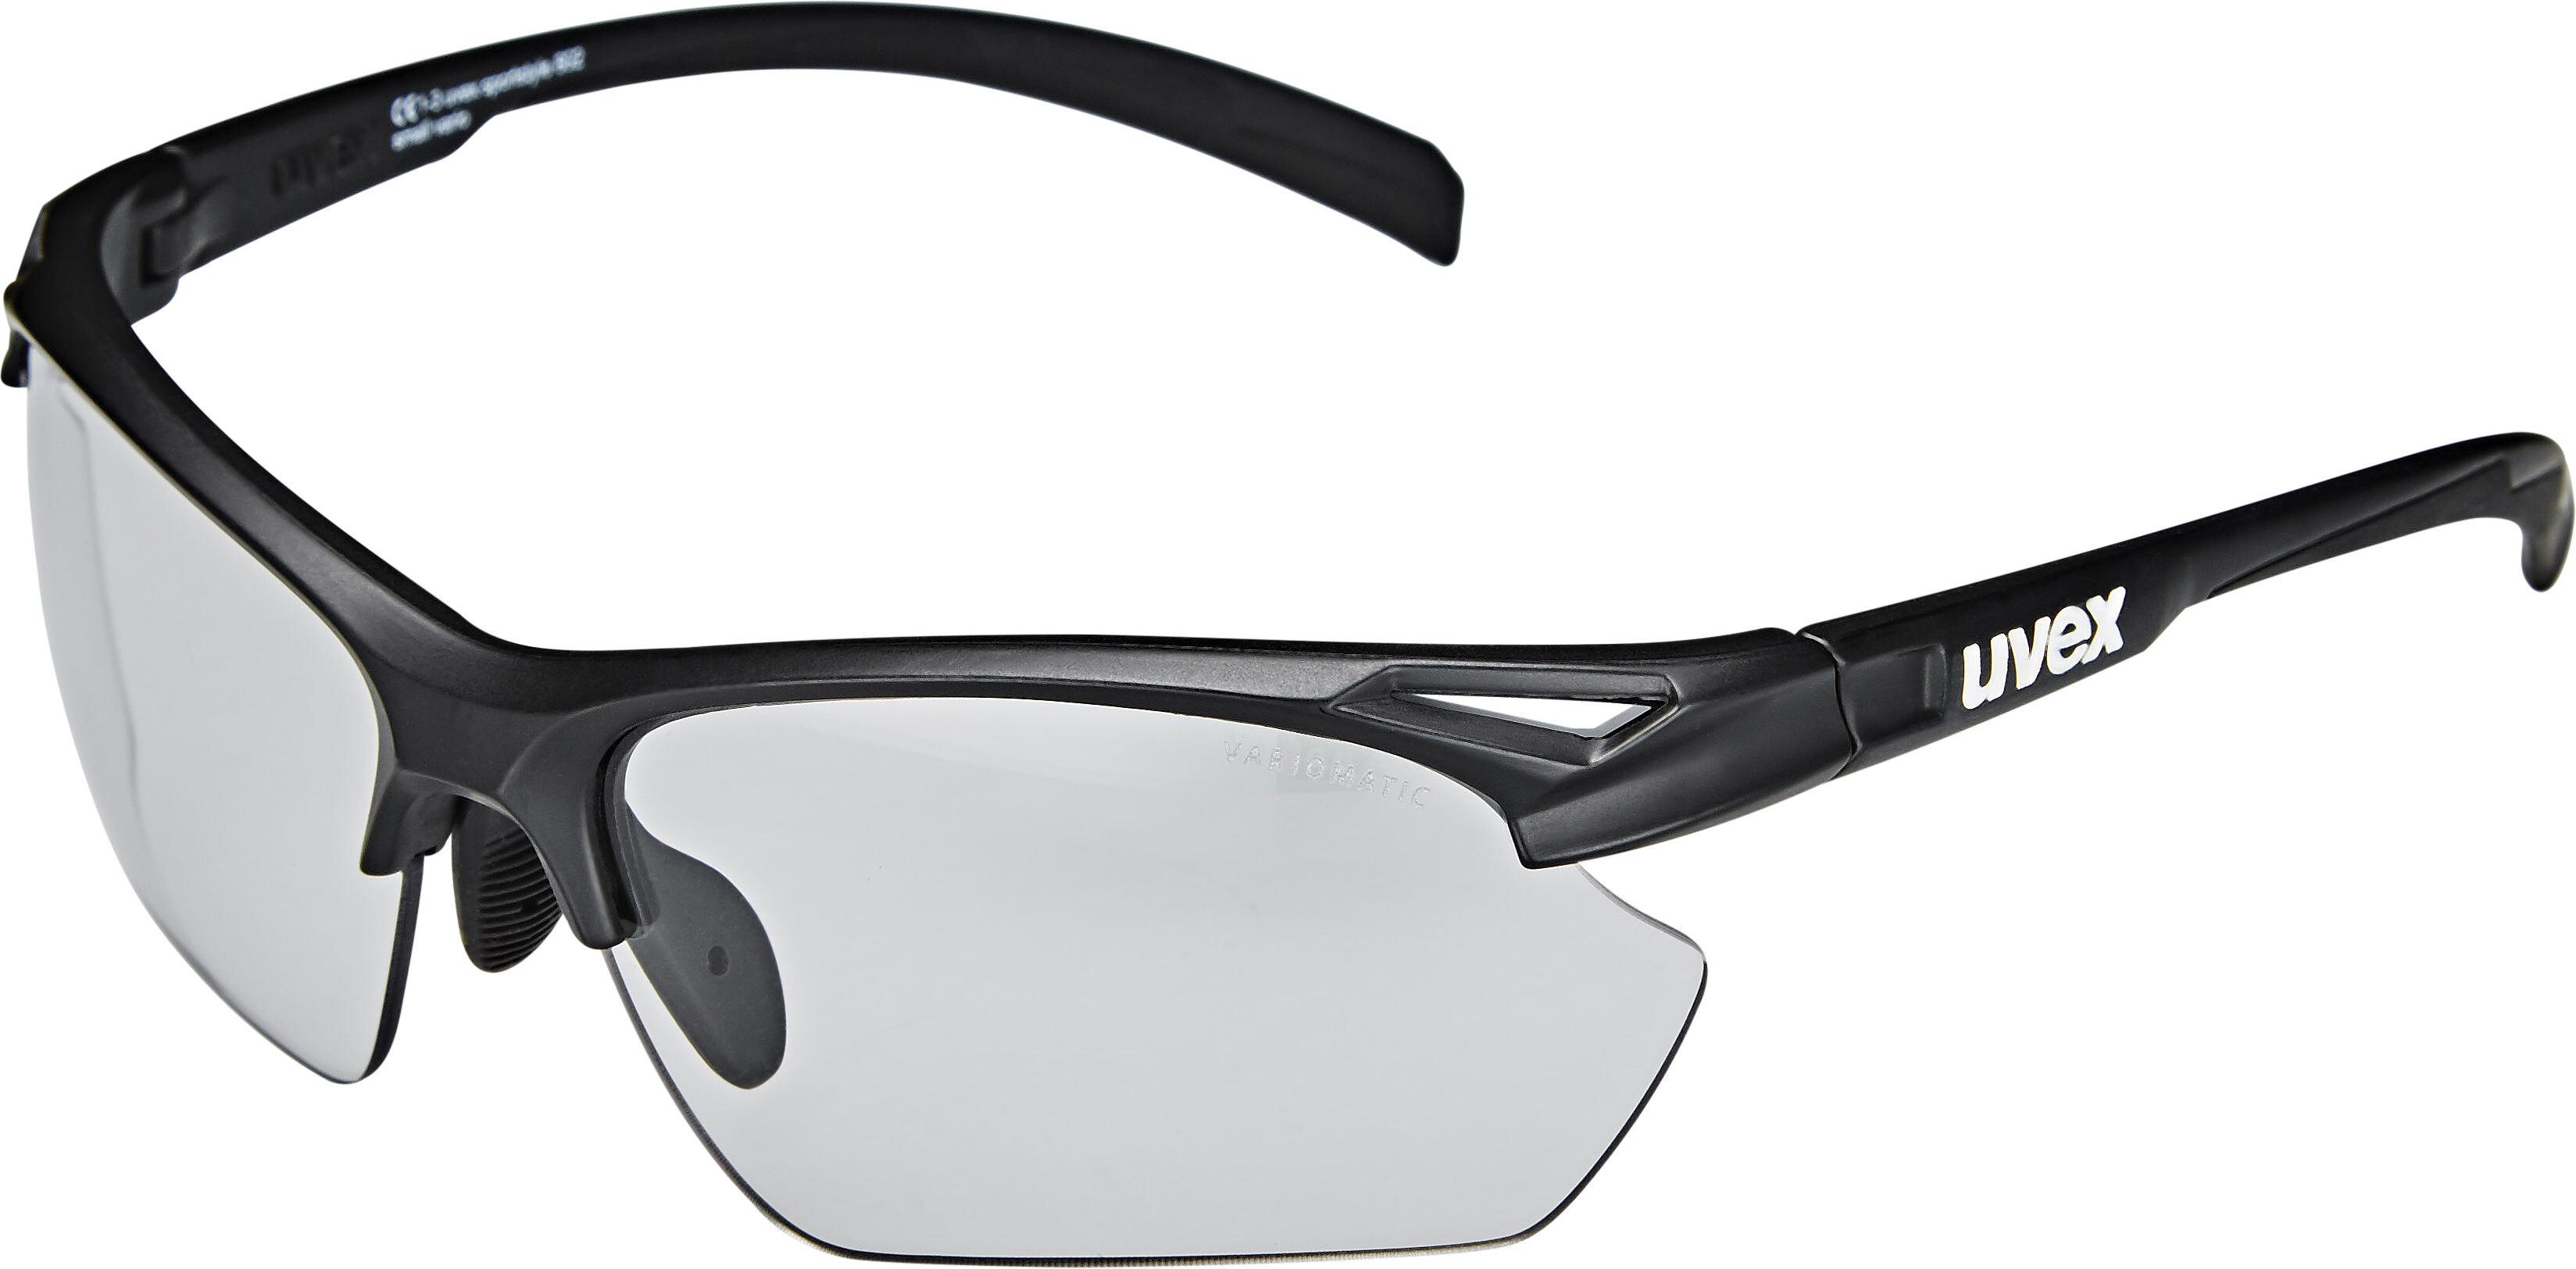 4a28e1bbdb564 UVEX sportstyle 802 small v Bike Glasses black at Bikester.co.uk